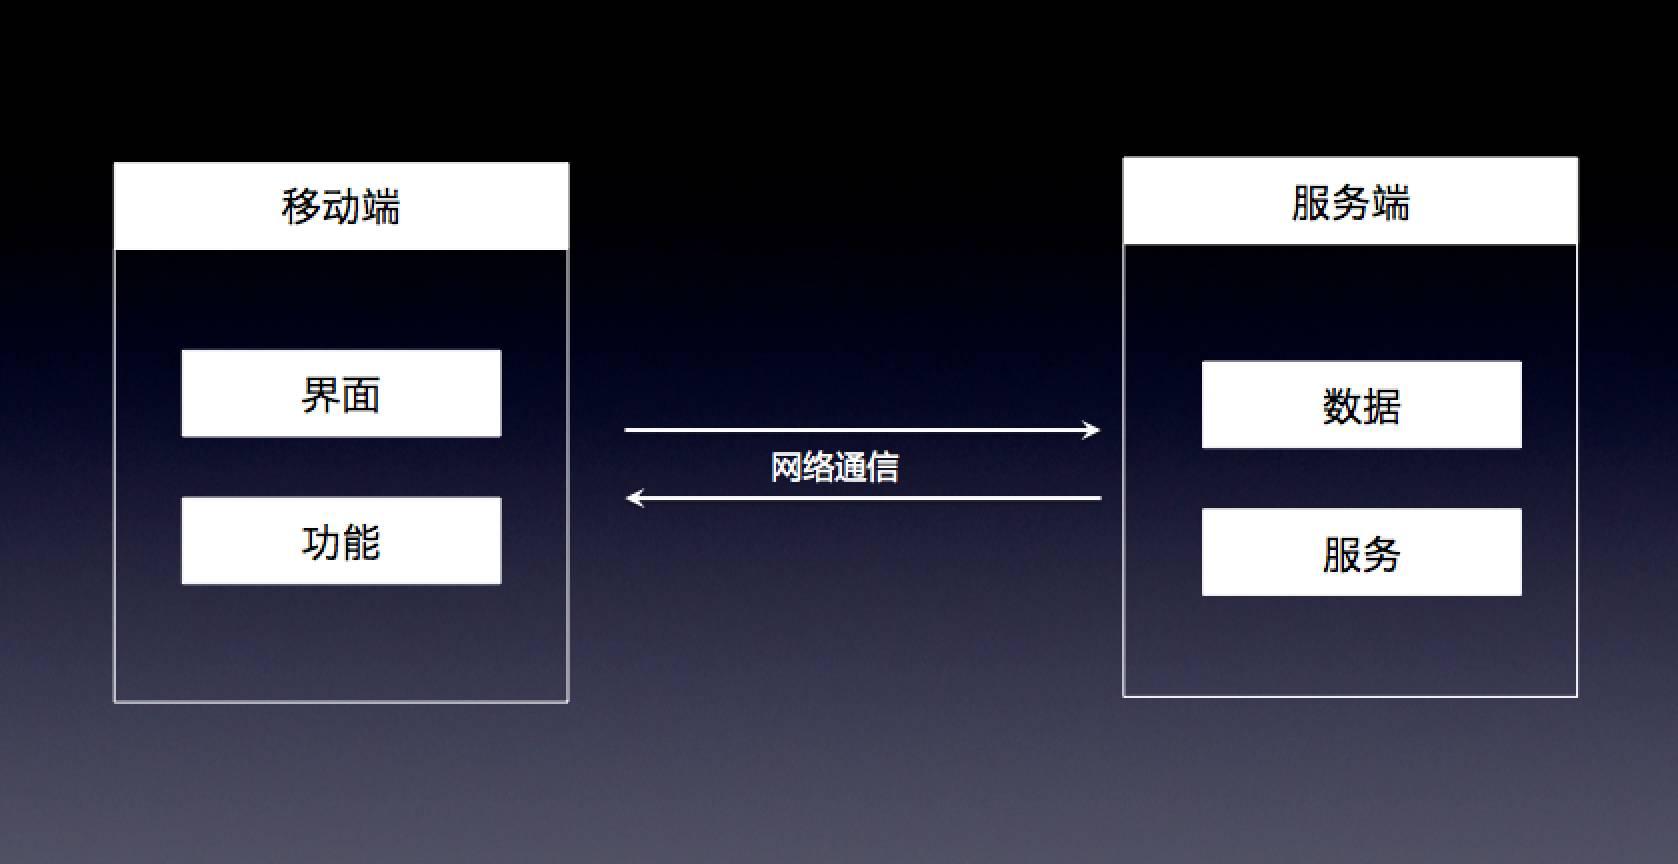 APICloud应用架构设计